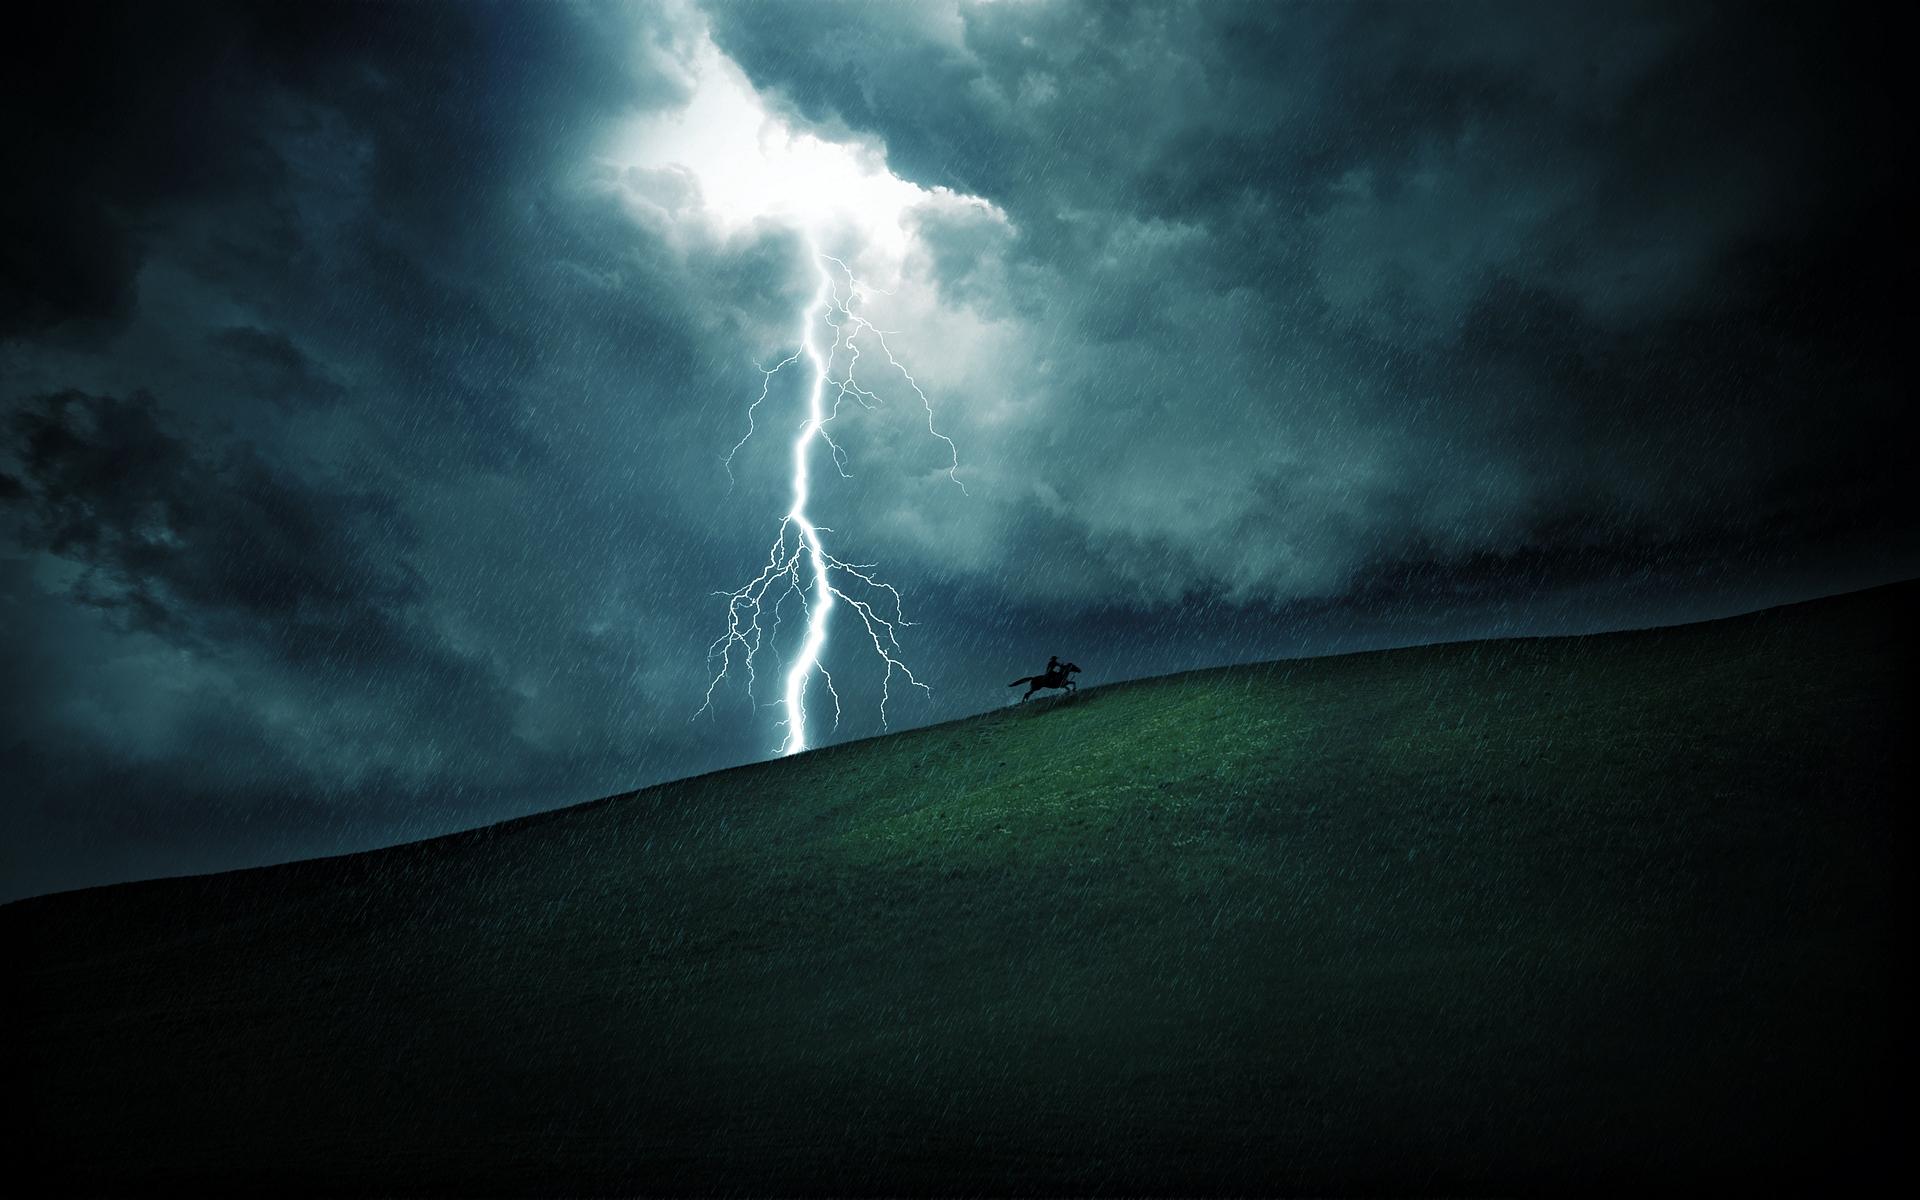 Rüyada Hortum Fırtınası Görmek ve İzlemek